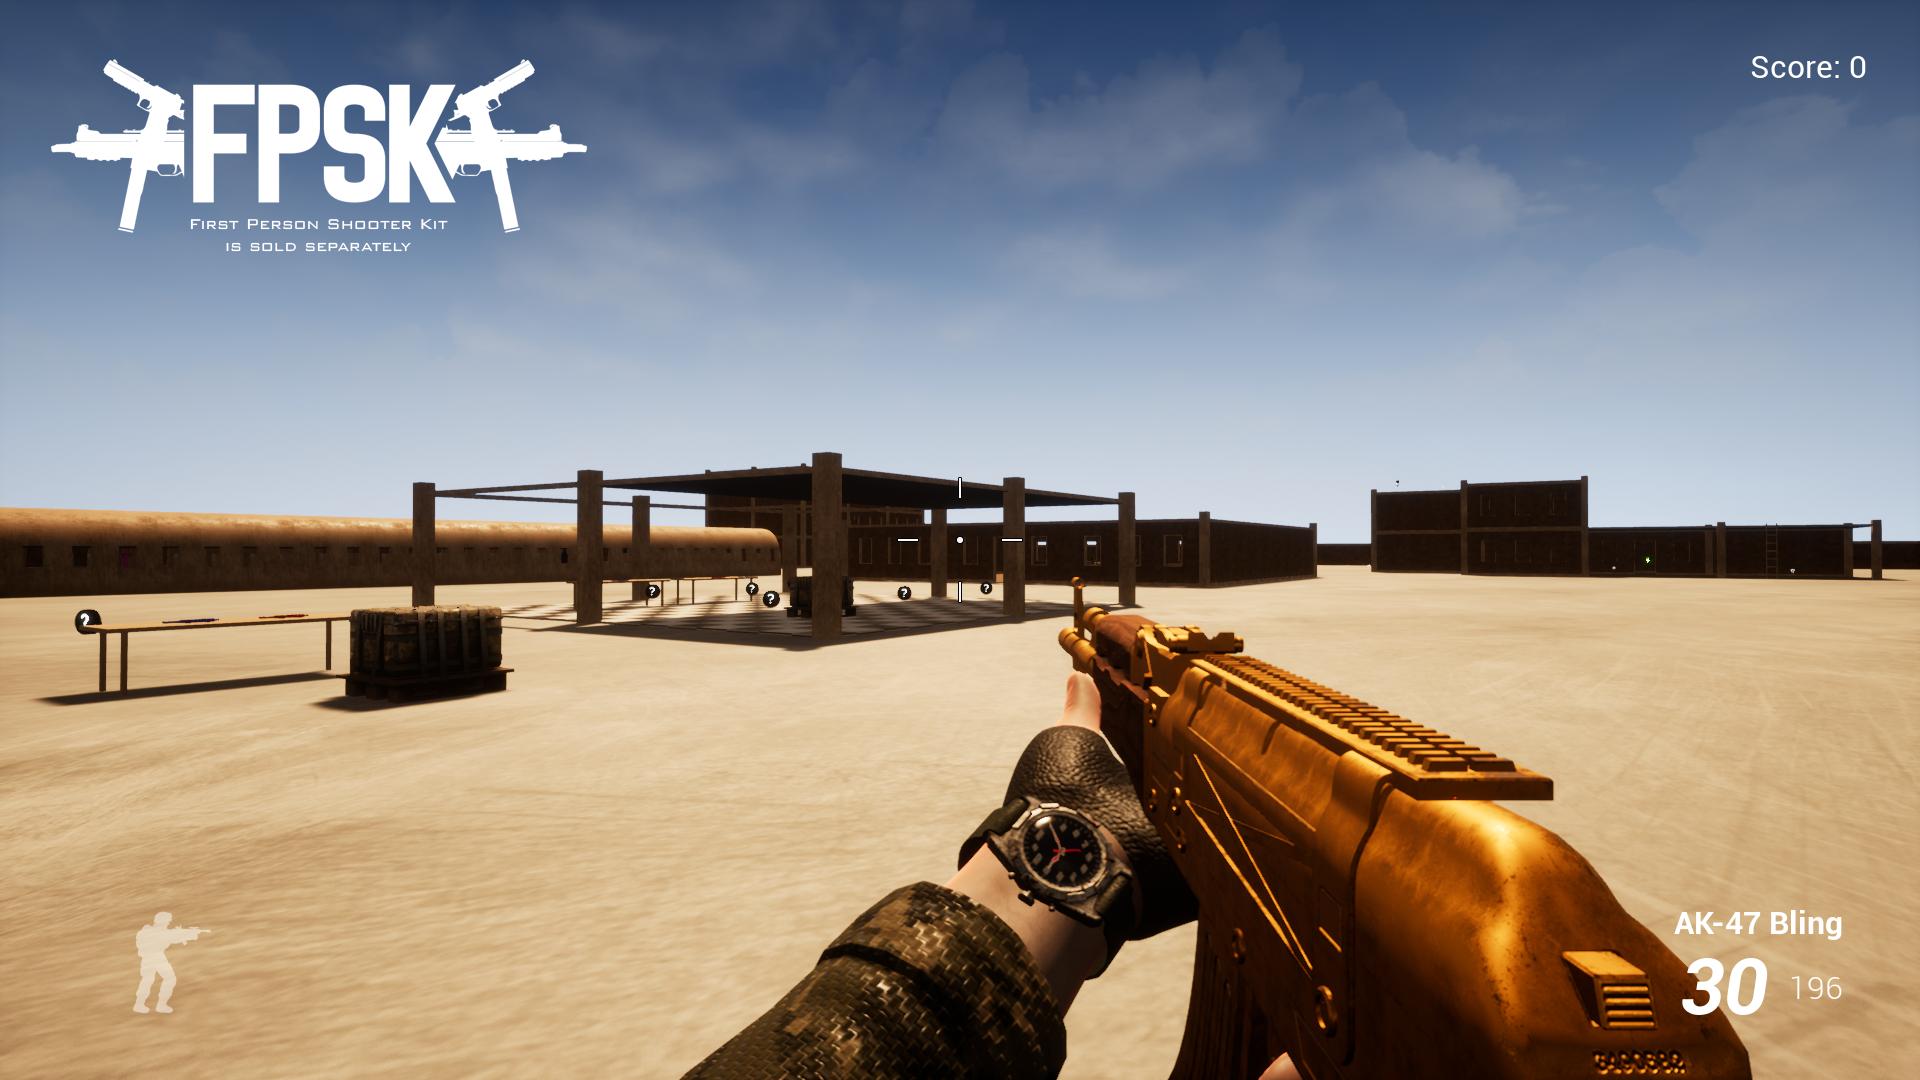 AK-47 (FPSK Ready) by Kelint in Weapons - UE4 Marketplace